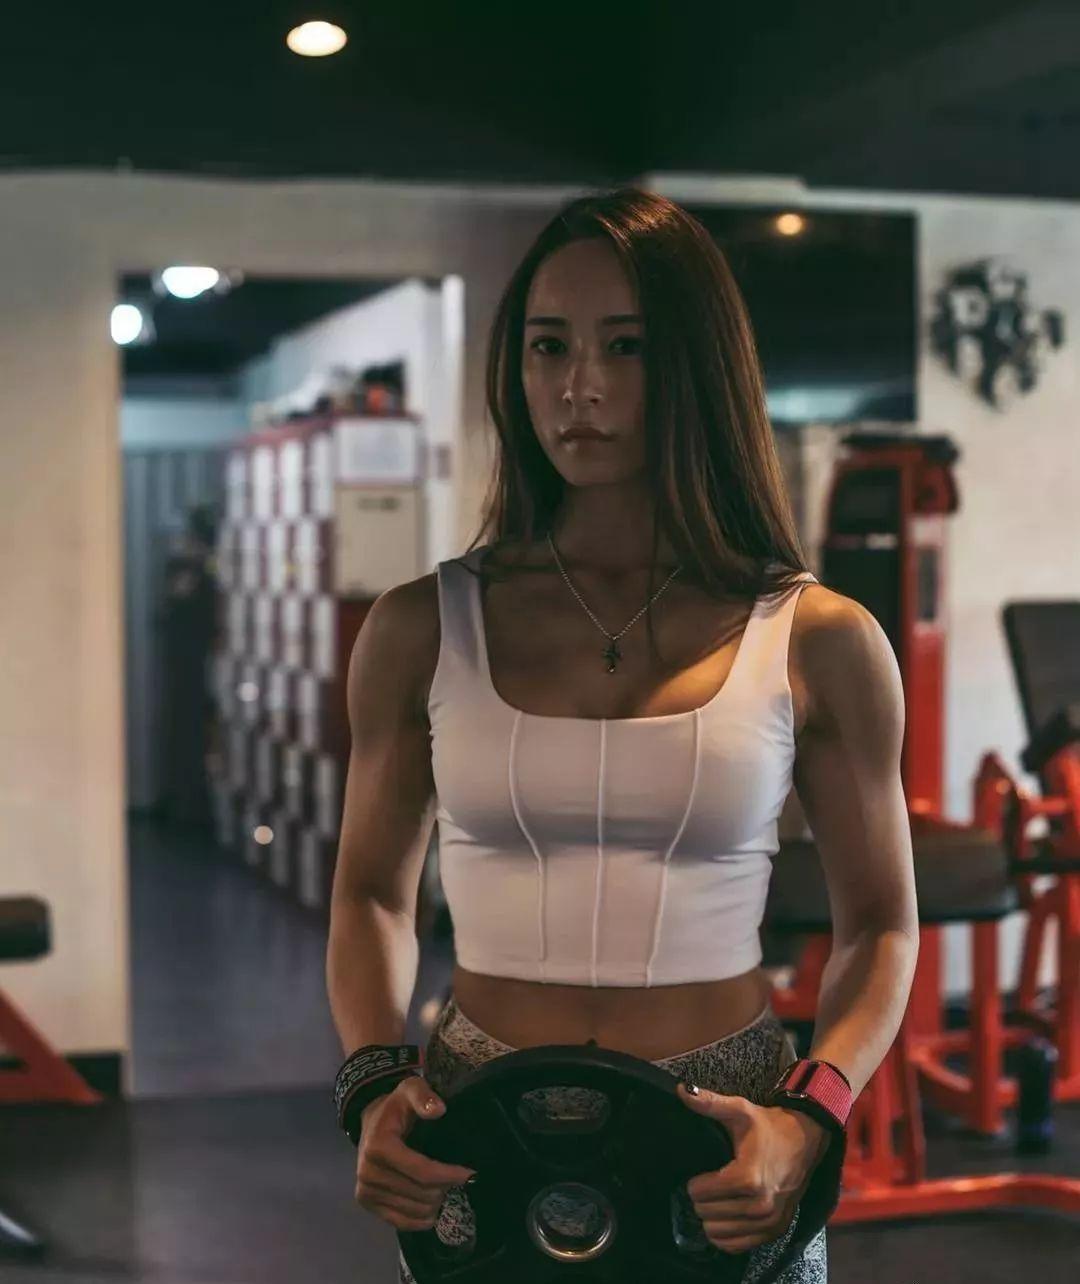 32岁辣妈健身房撸铁10年肌肉强壮,自律的女人实在很强悍了!